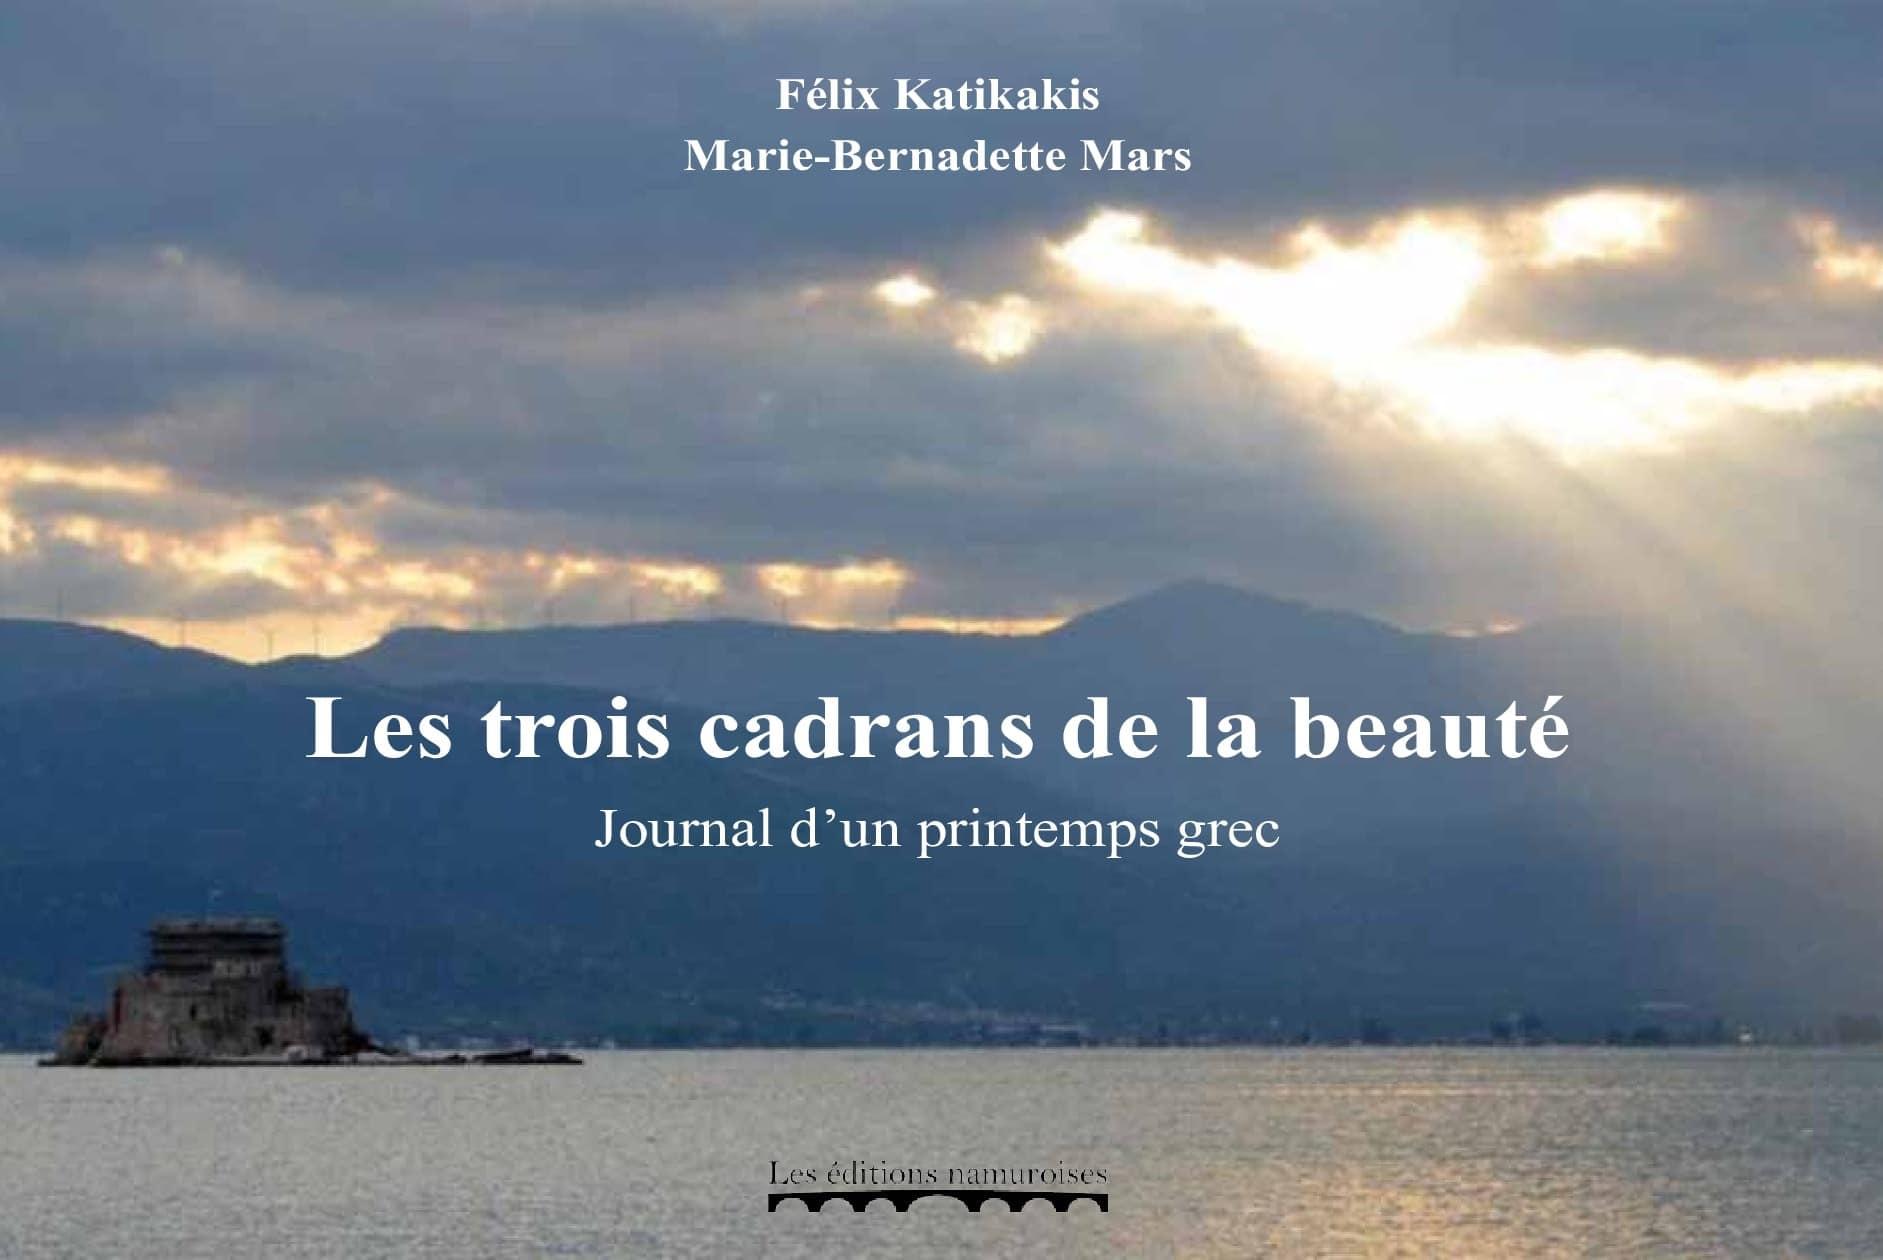 Couverture livre mer avec ciel nuageux et rayon de soleil